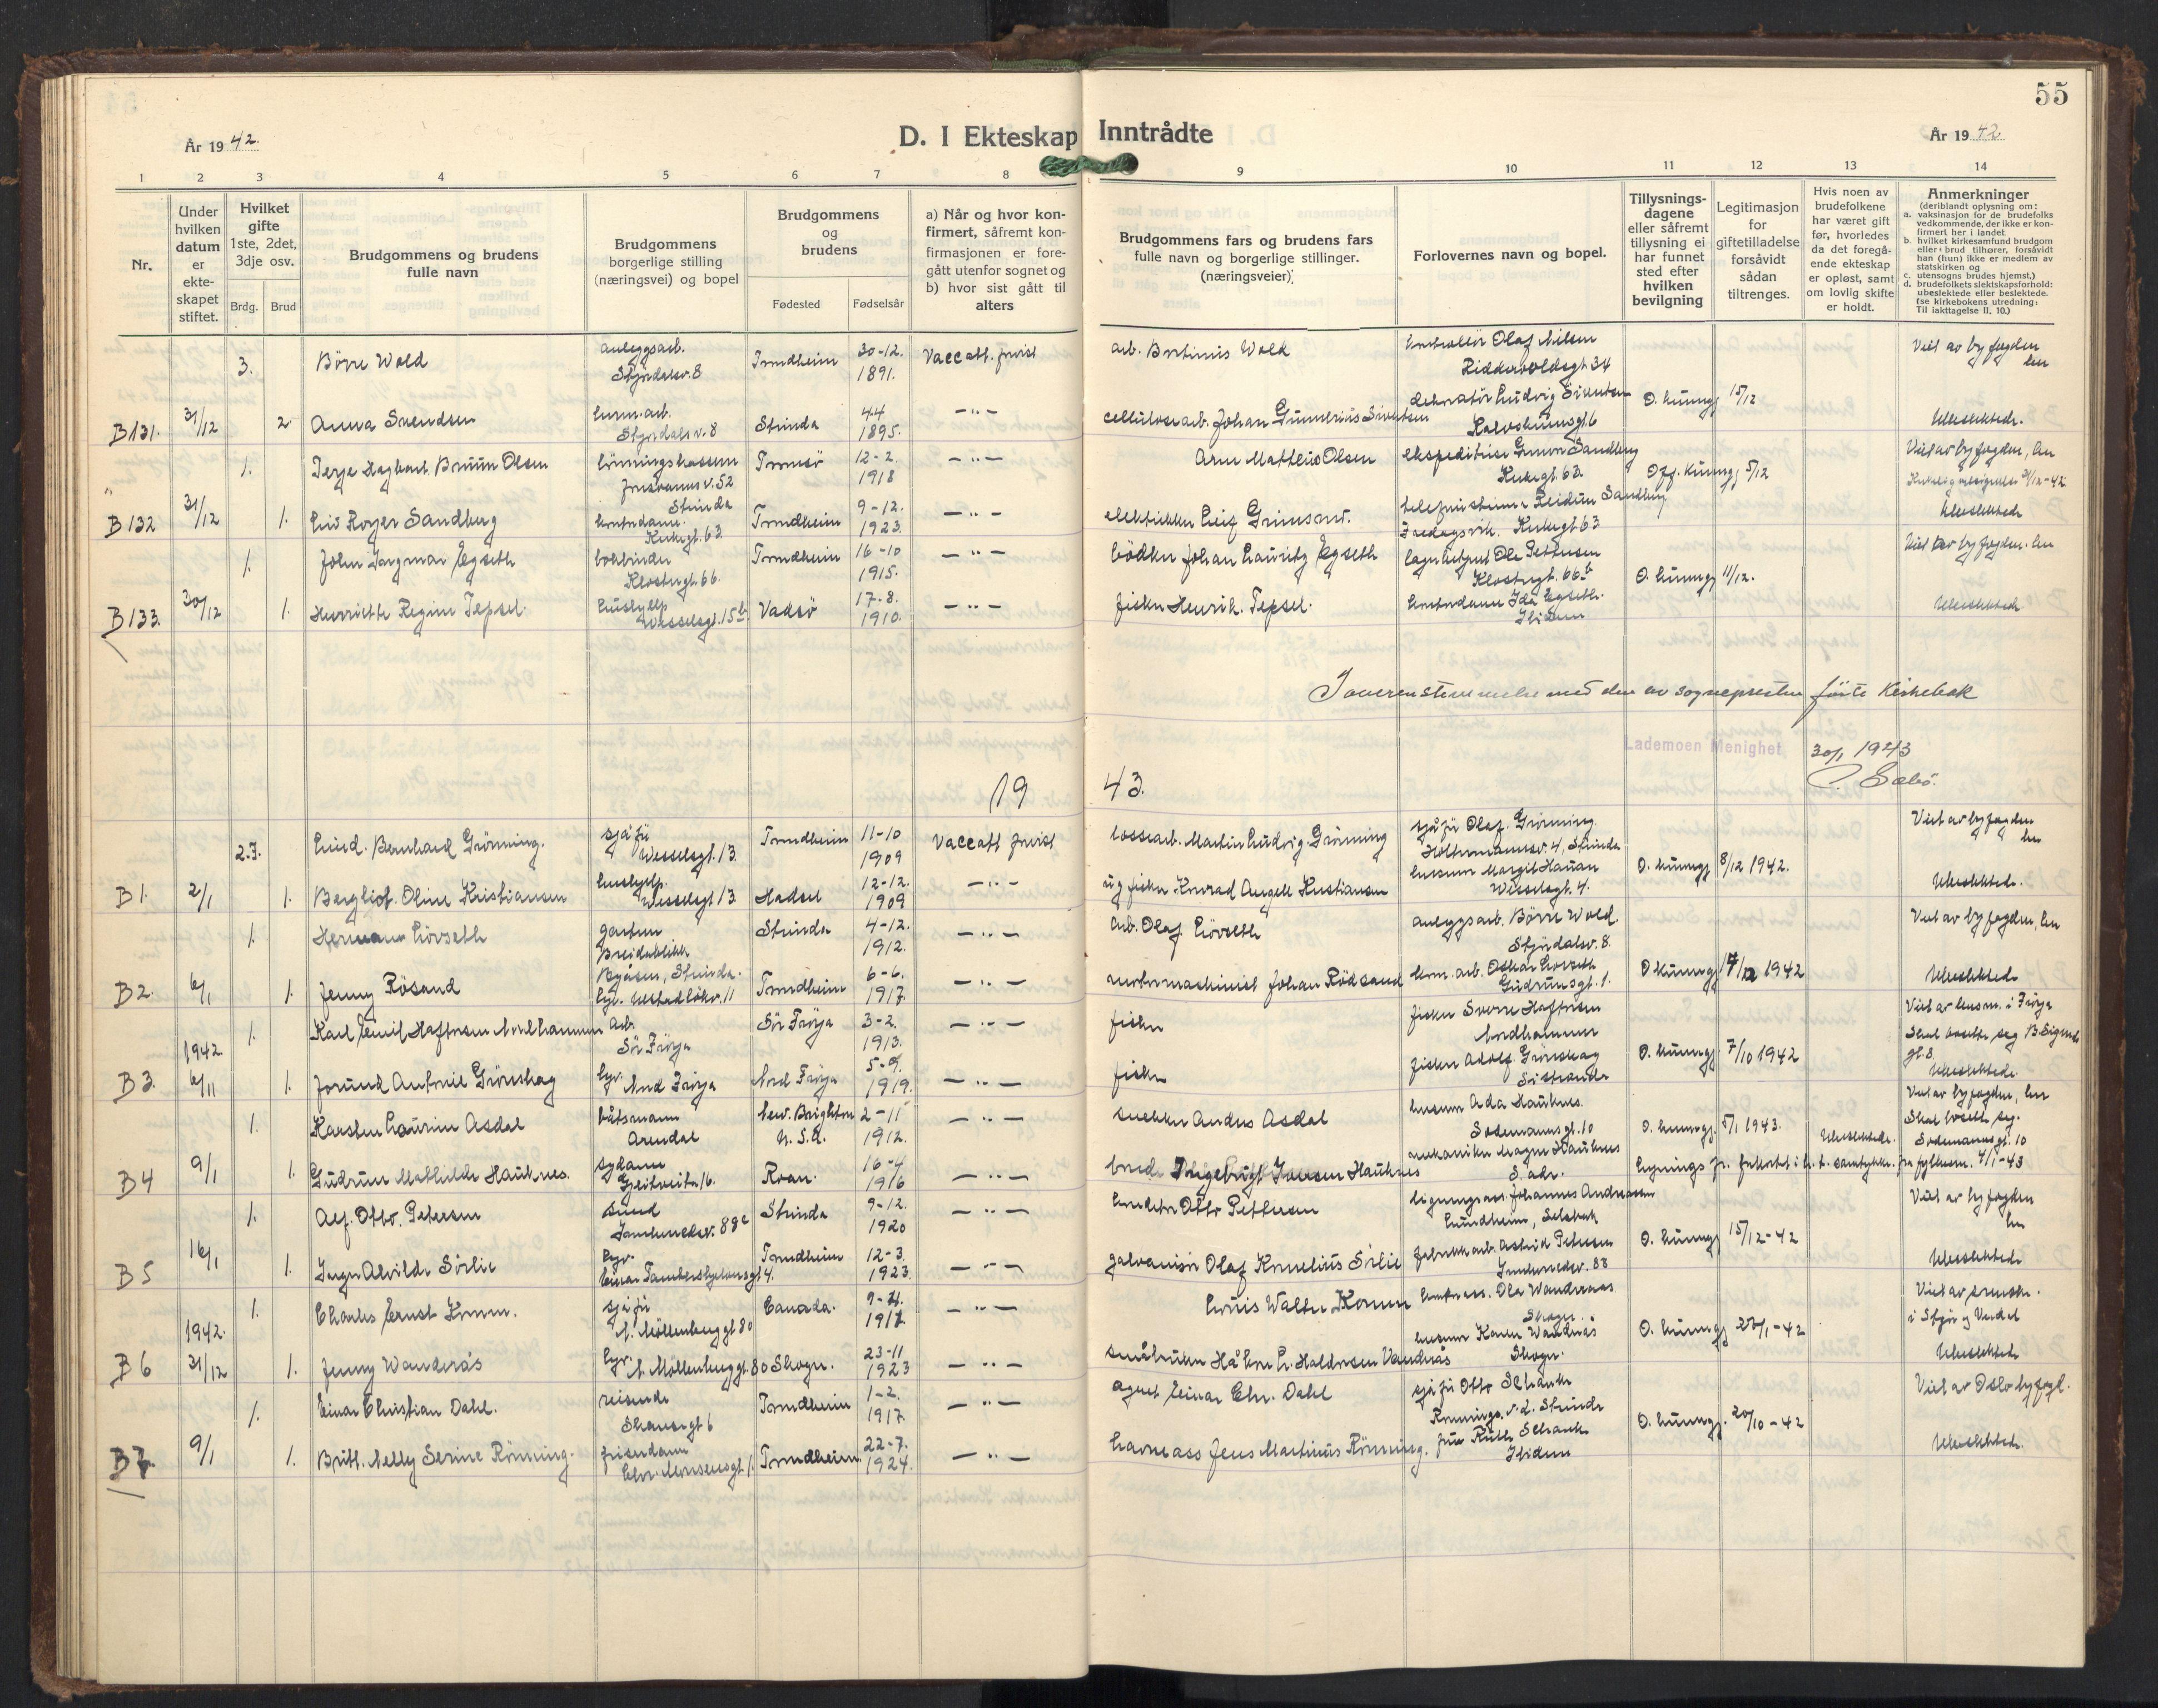 SAT, Ministerialprotokoller, klokkerbøker og fødselsregistre - Sør-Trøndelag, 605/L0263: Klokkerbok nr. 605C10, 1938-1949, s. 55